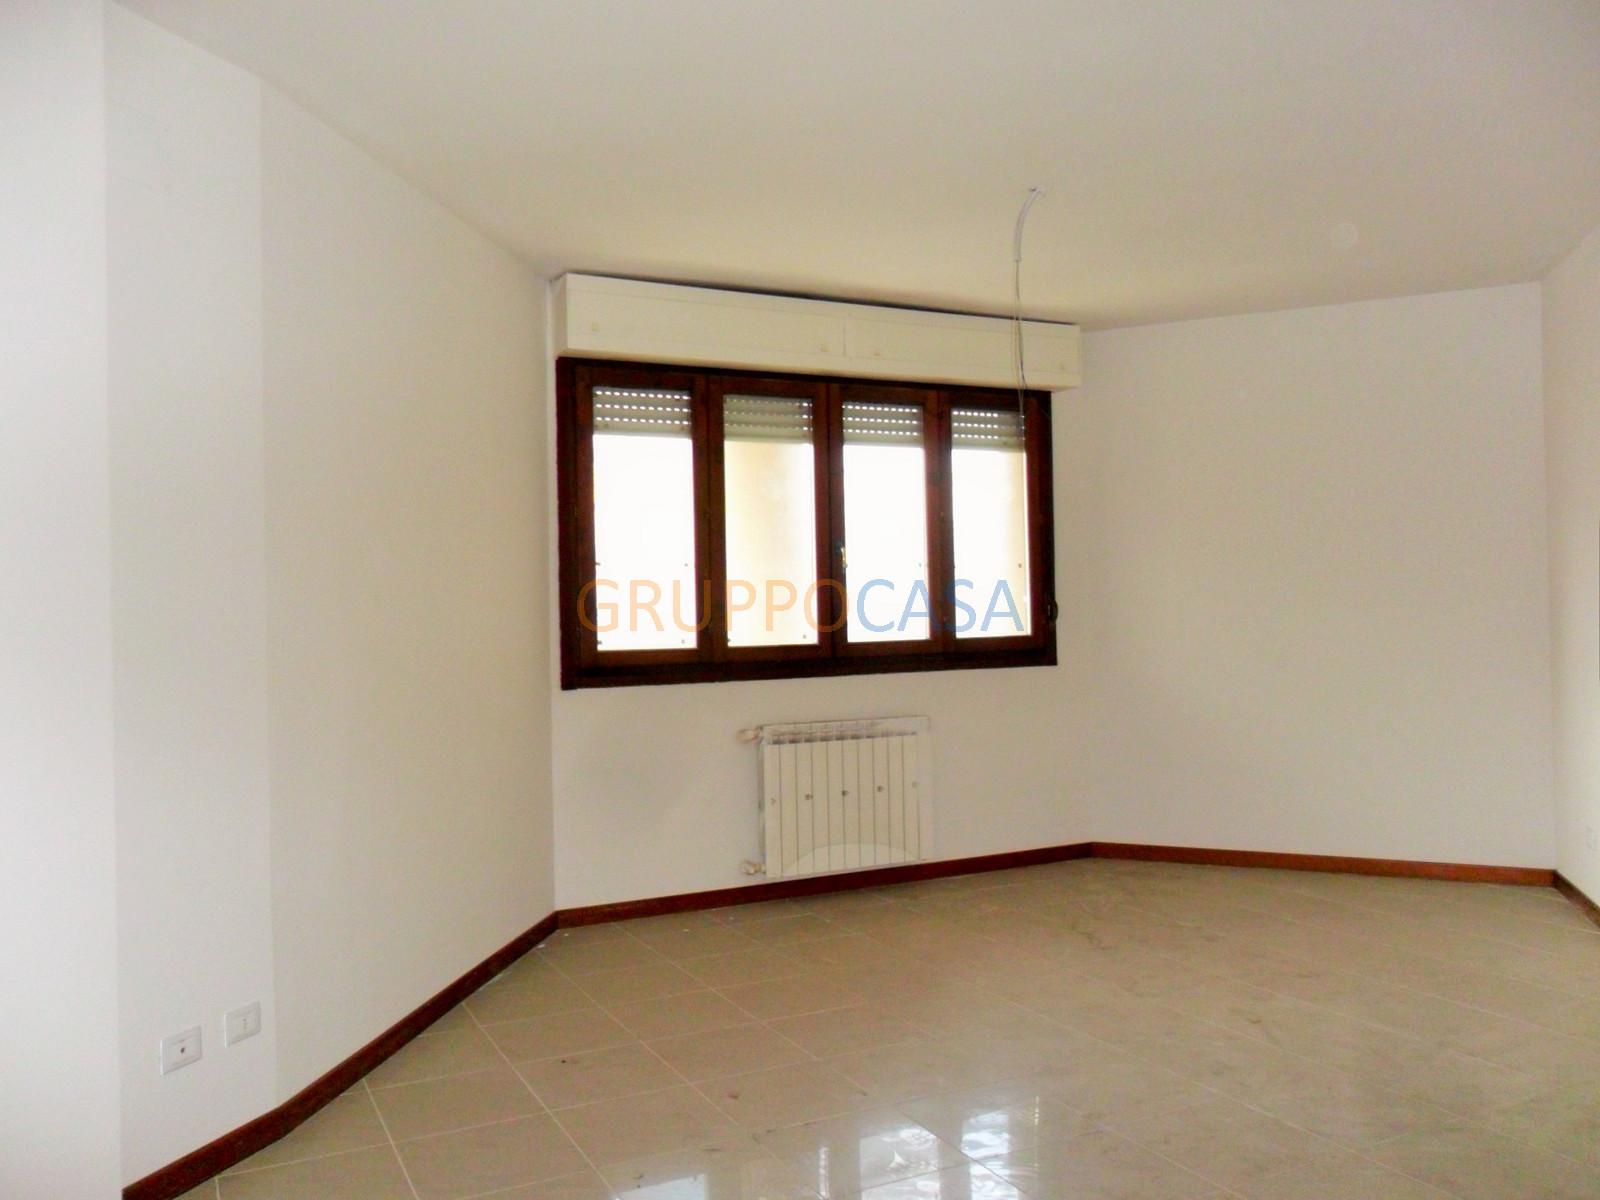 Ufficio / Studio in vendita a Pescia, 9999 locali, zona Località: Centro, prezzo € 153.300 | CambioCasa.it